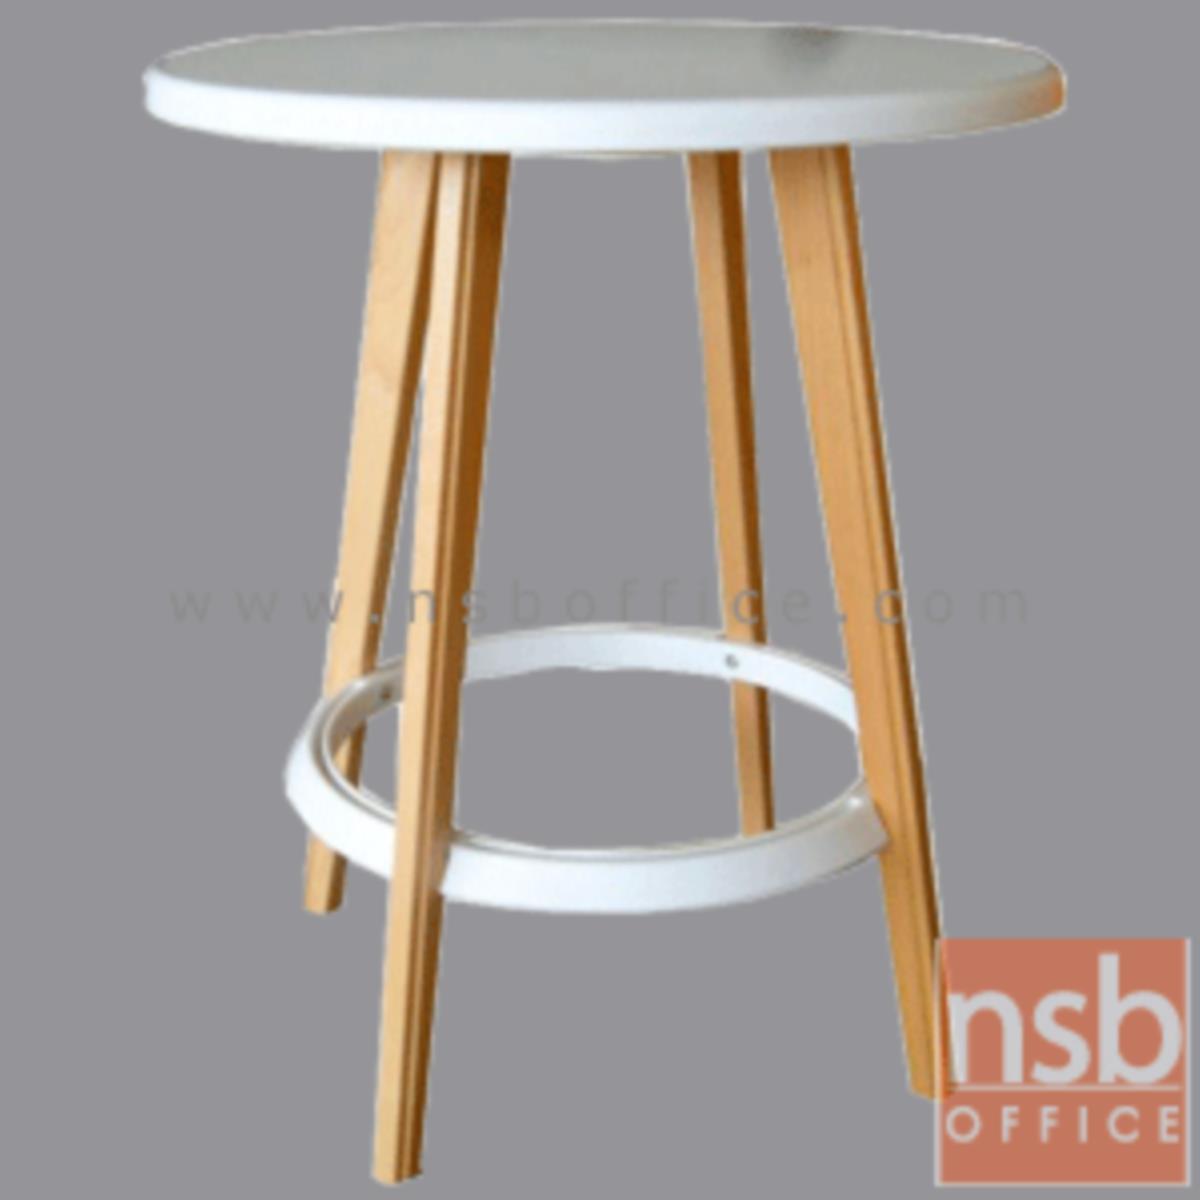 A09A101:โต๊ะหน้าพลาสติก(PP) รุ่น Hiram (ไฮแรม) ขนาด 60W cm.  ขาไม้สีบีช